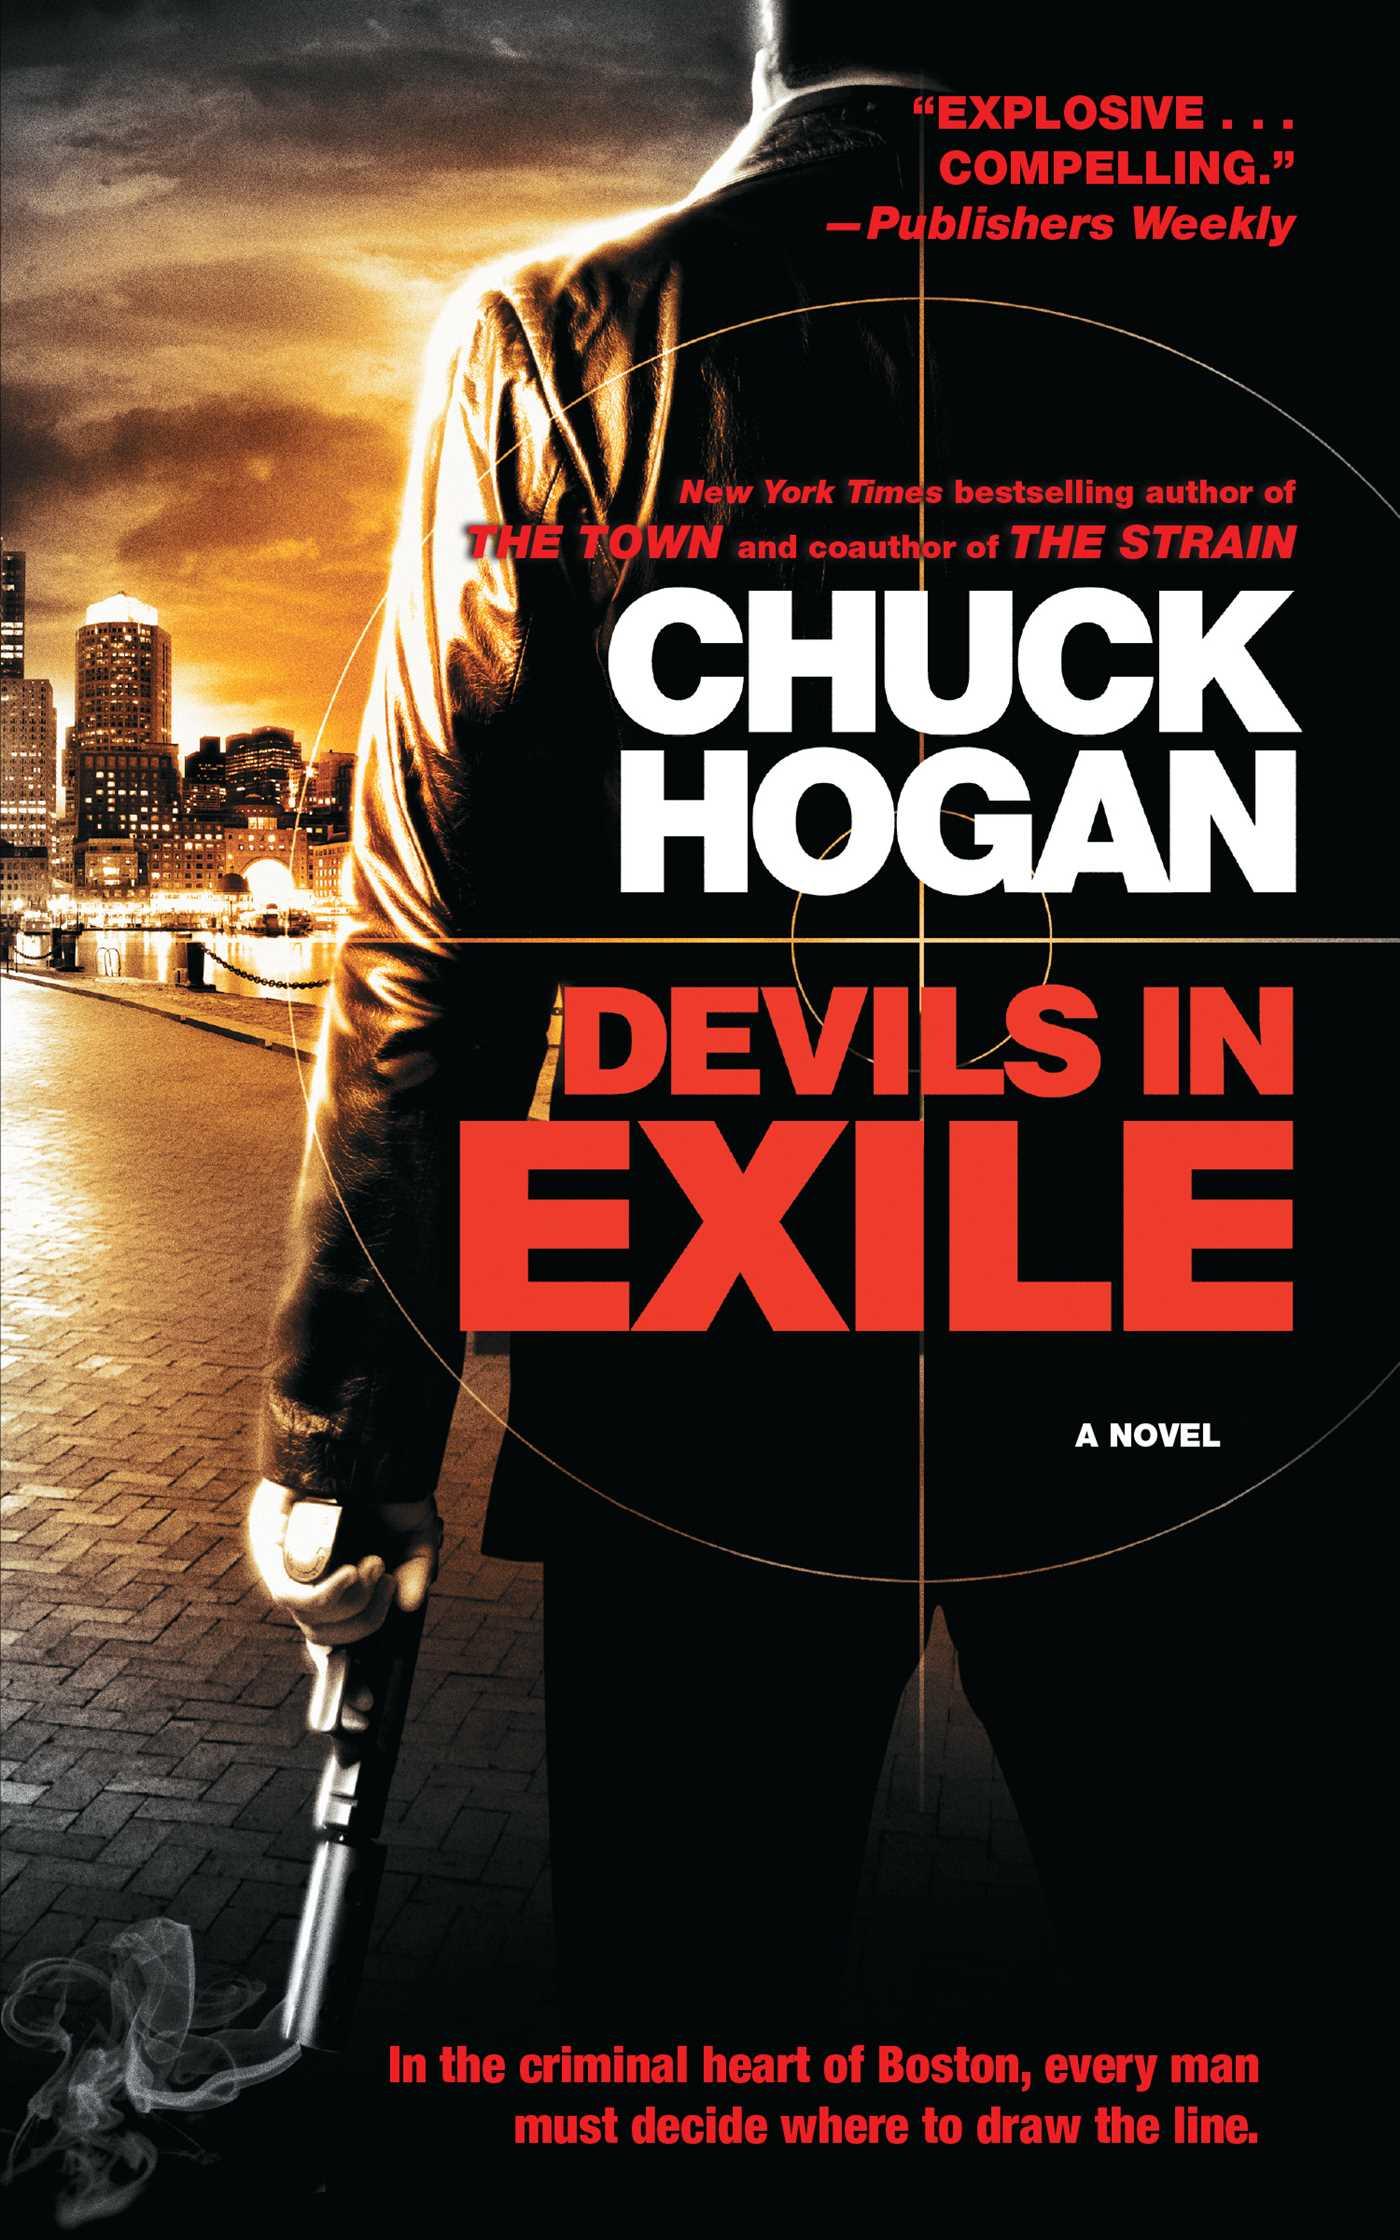 Devils in exile 9781416559238 hr